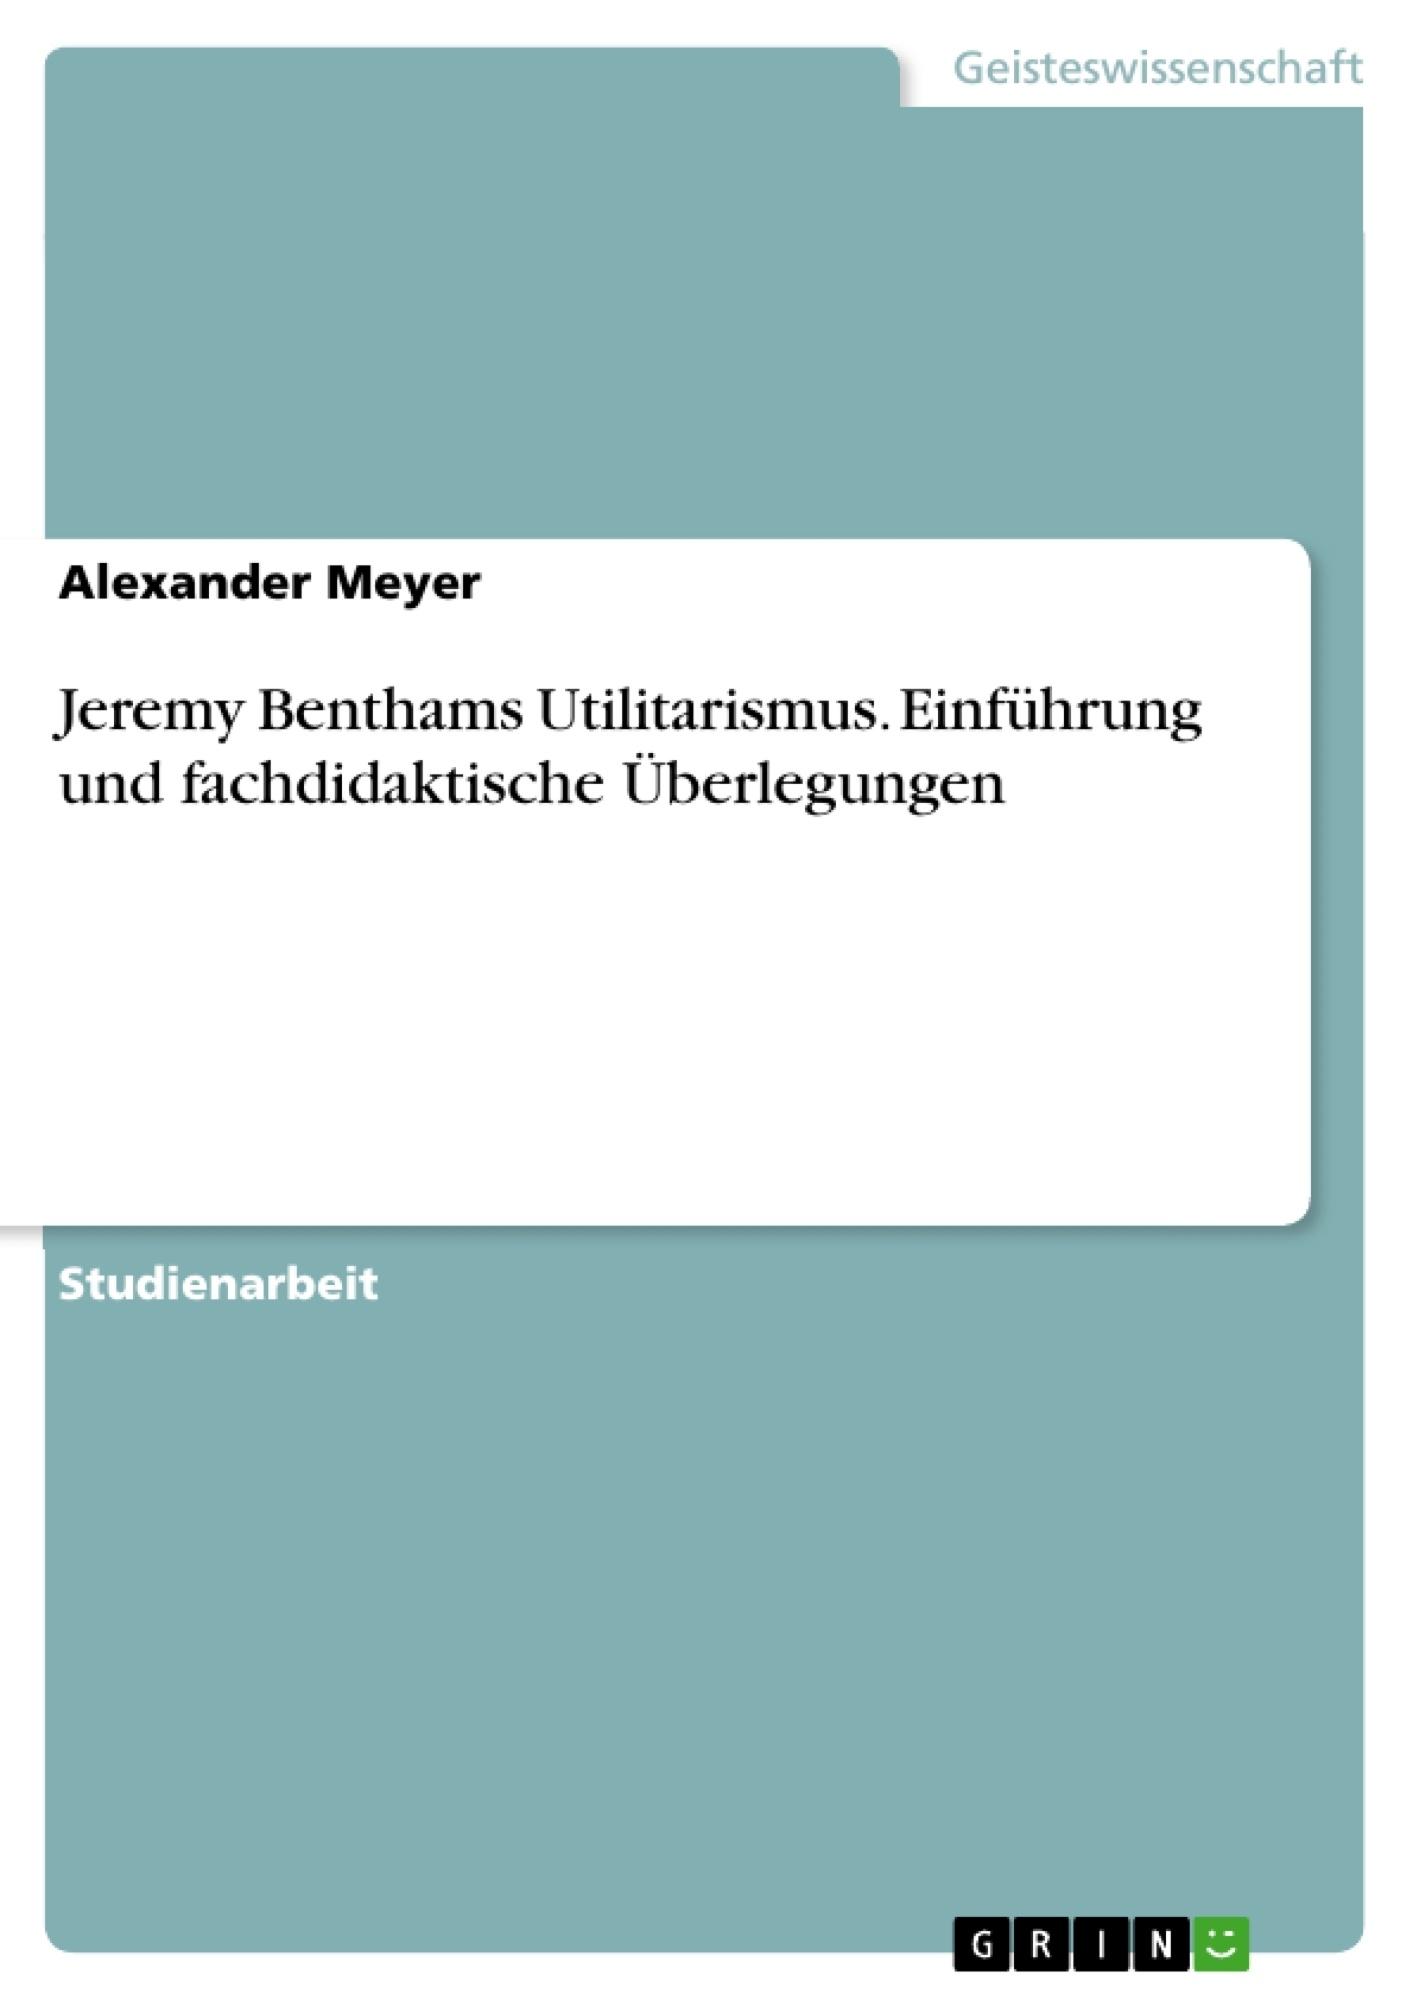 Titel: Jeremy Benthams Utilitarismus. Einführung und fachdidaktische Überlegungen